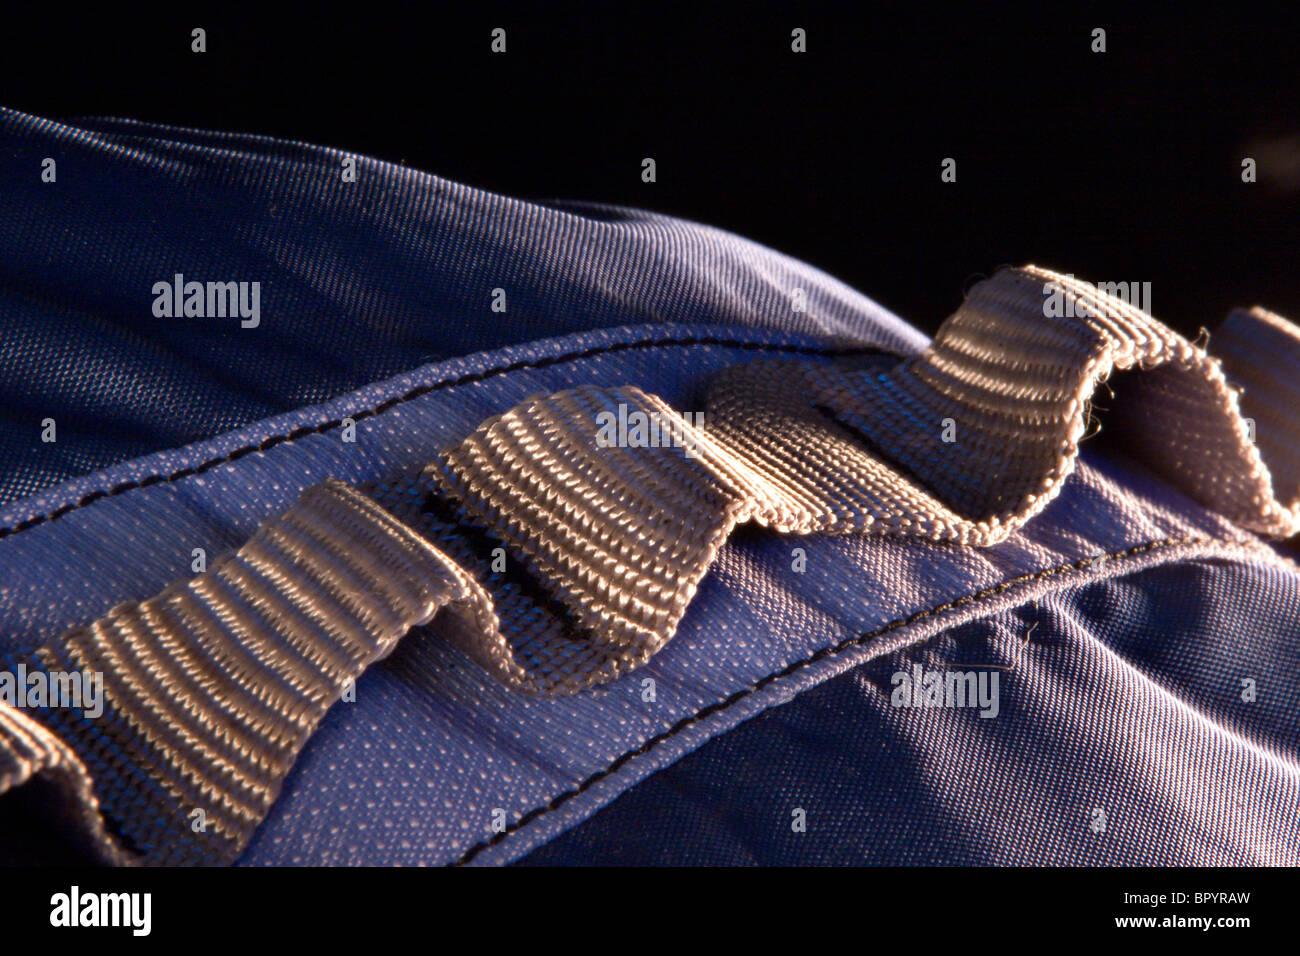 Close up / dettaglio di uno zaino. Immagini Stock